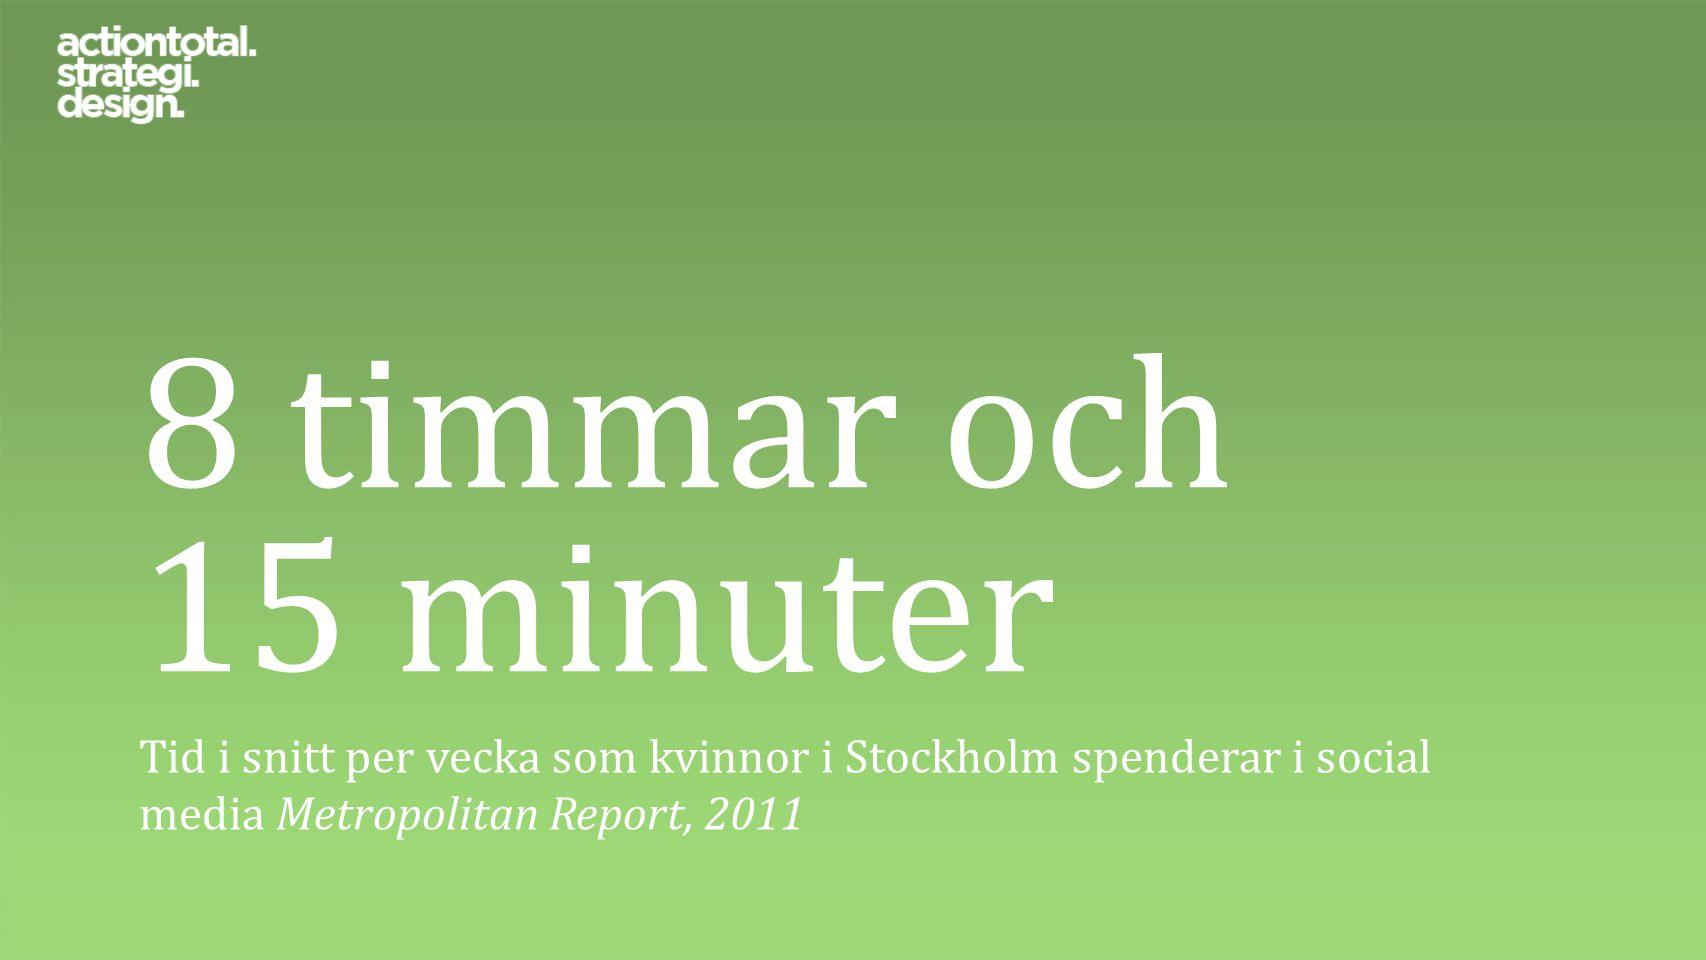 64,4% av svenska bloggare är inte anonyma. BlogSweden 5, 2010